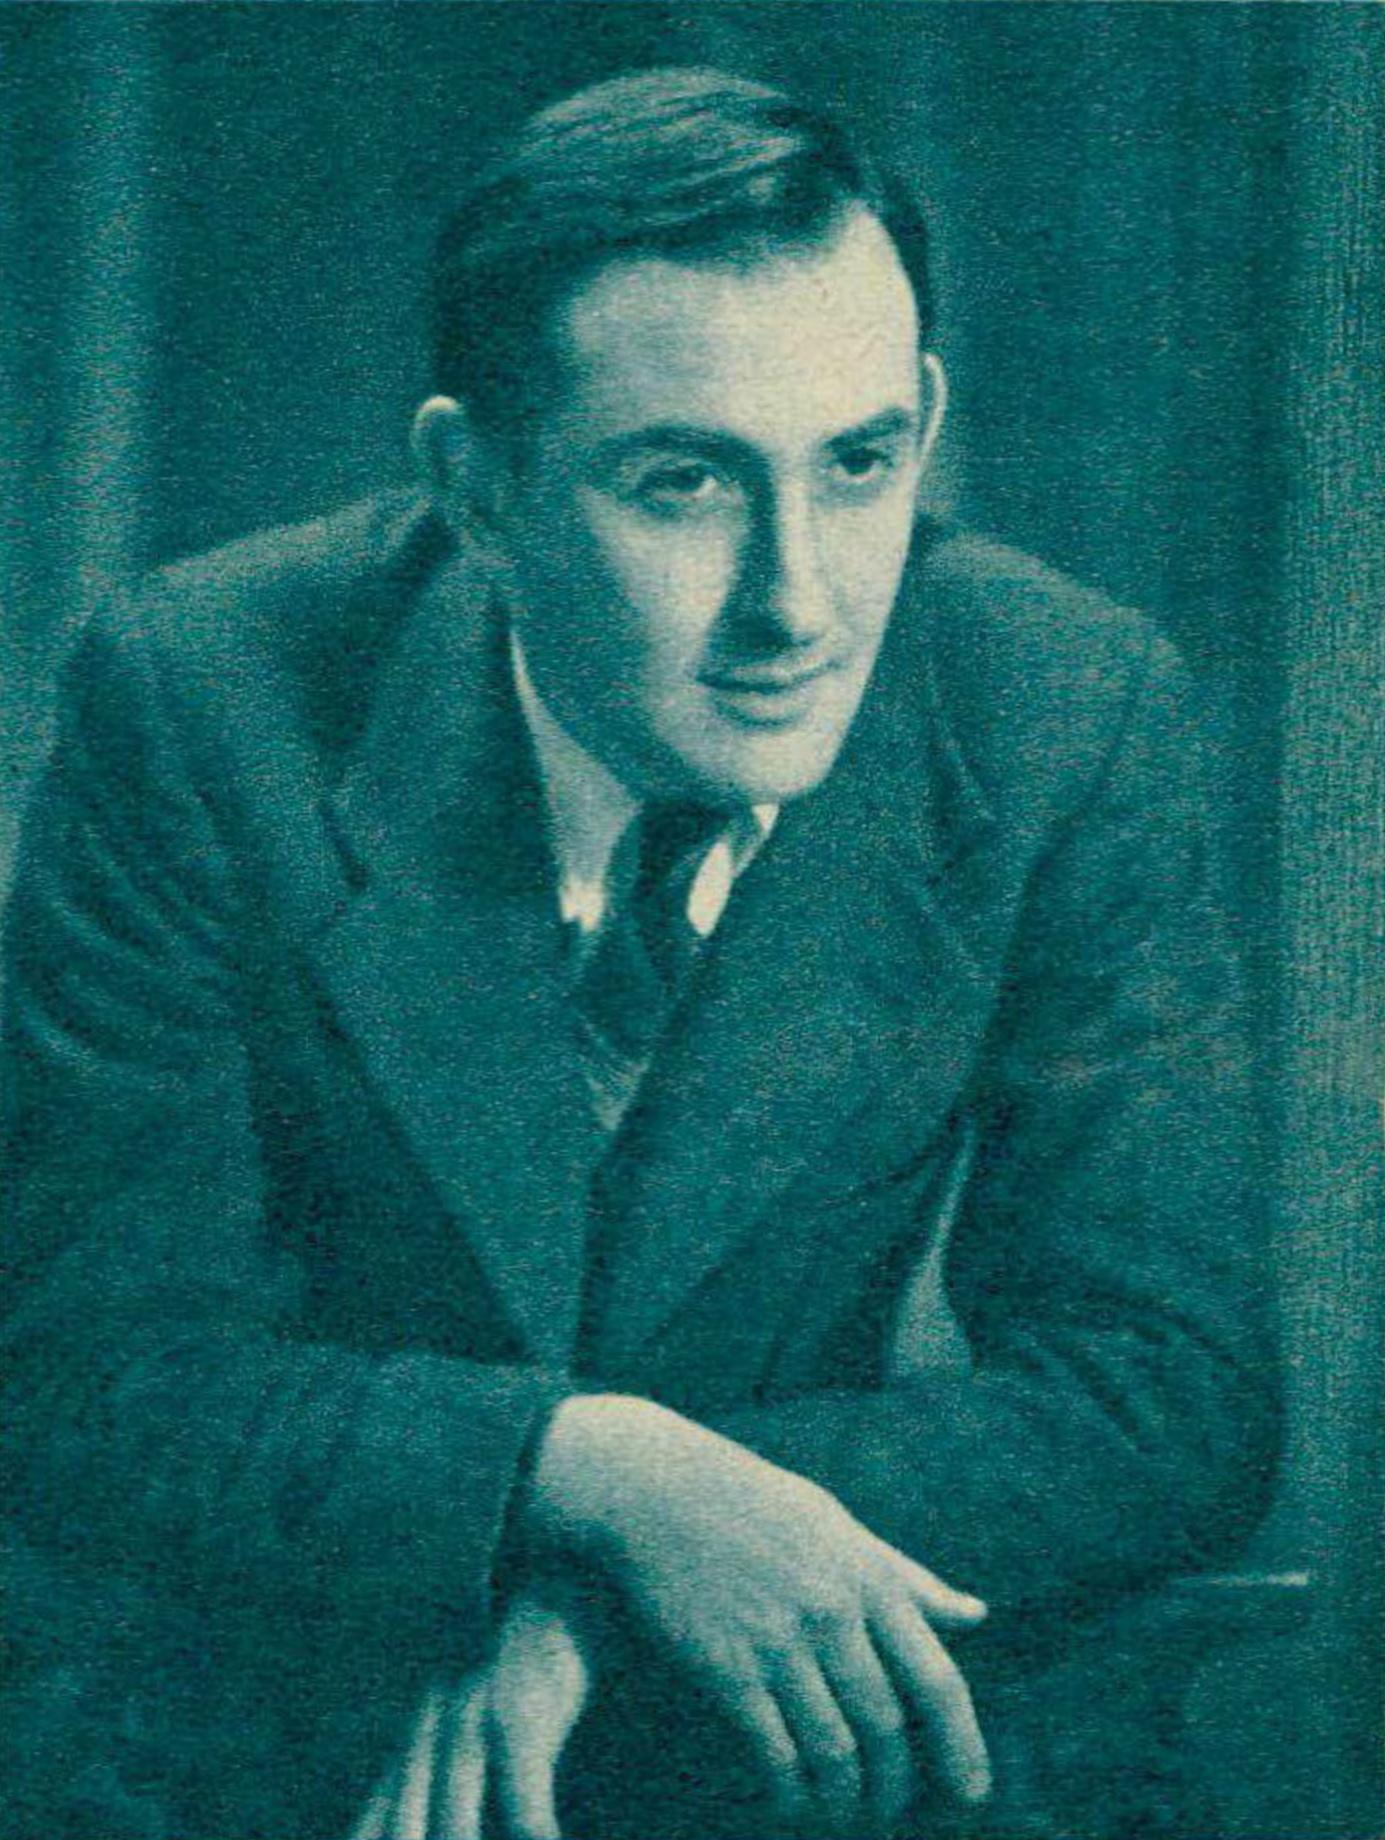 Nikita MAGALOFF, un portrait fait par Photo Schlemmer publié entre autres dans la revue Radio Actualités du 6 septembre 1940 en page 1105, Cliquer sur la photo pour une vue agrandie et quelques infos